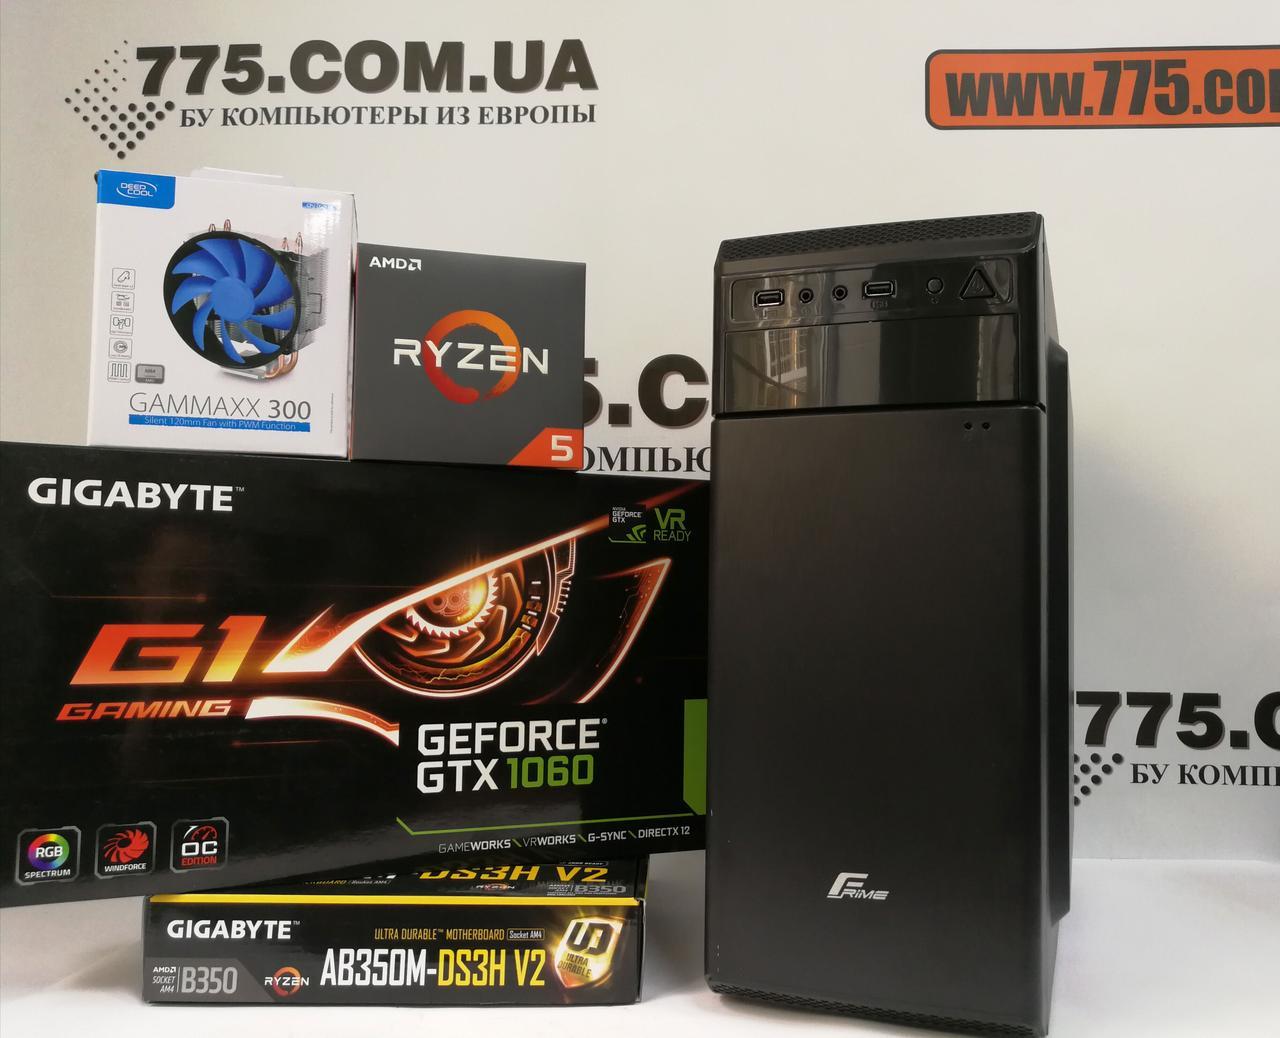 ТОП Игровой компьютер, AMD Ryzen 5 1600Х 4.0GHz (12 потоков), 16ГБ DDR4, SSD 120ГБ, HDD 500ГБ, GTX 1060 3ГБ